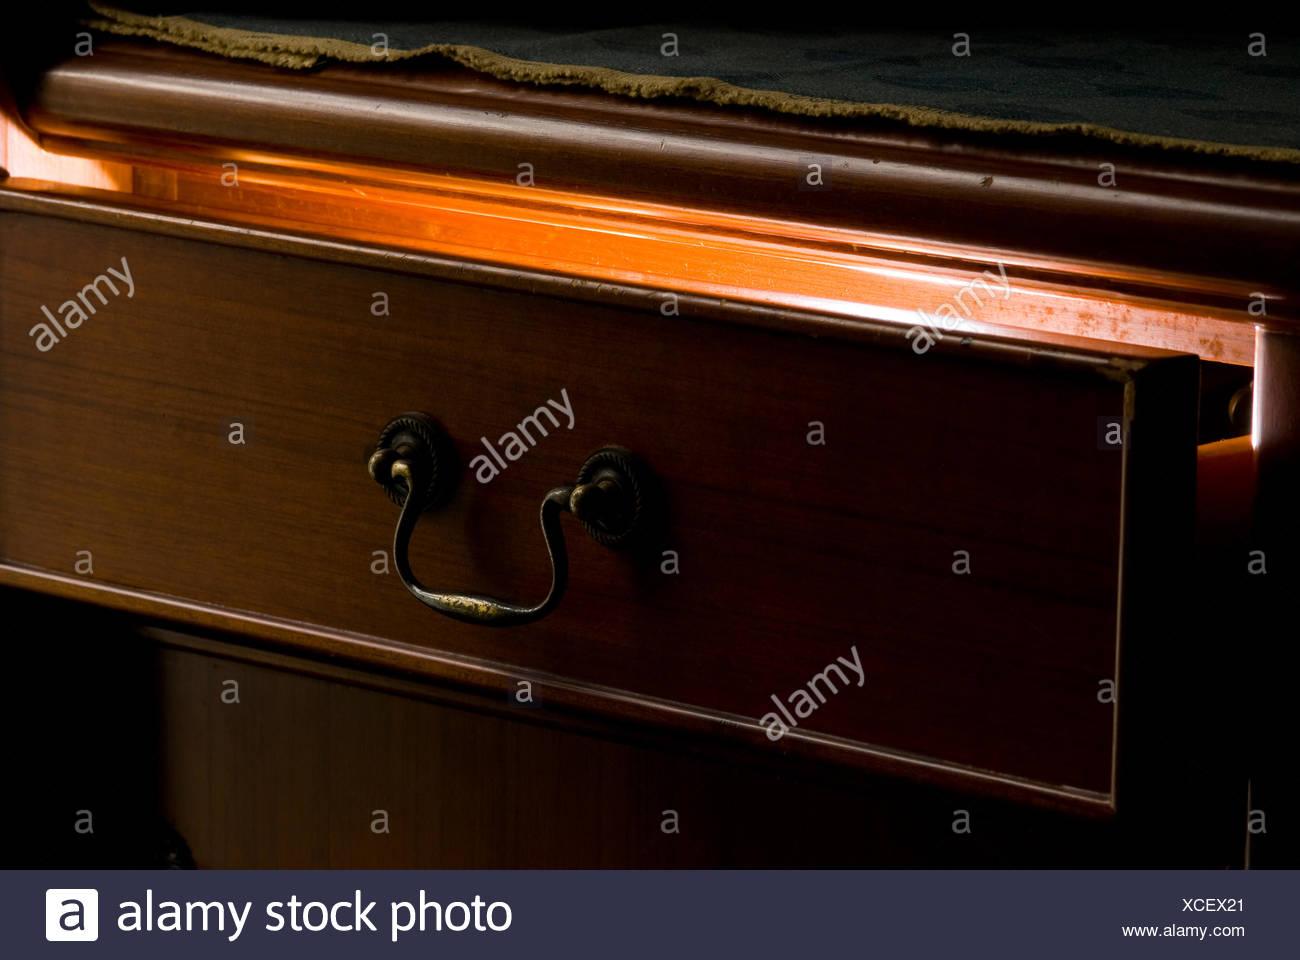 Mystère la lumière provenant des tiroirs en bois Photo Stock